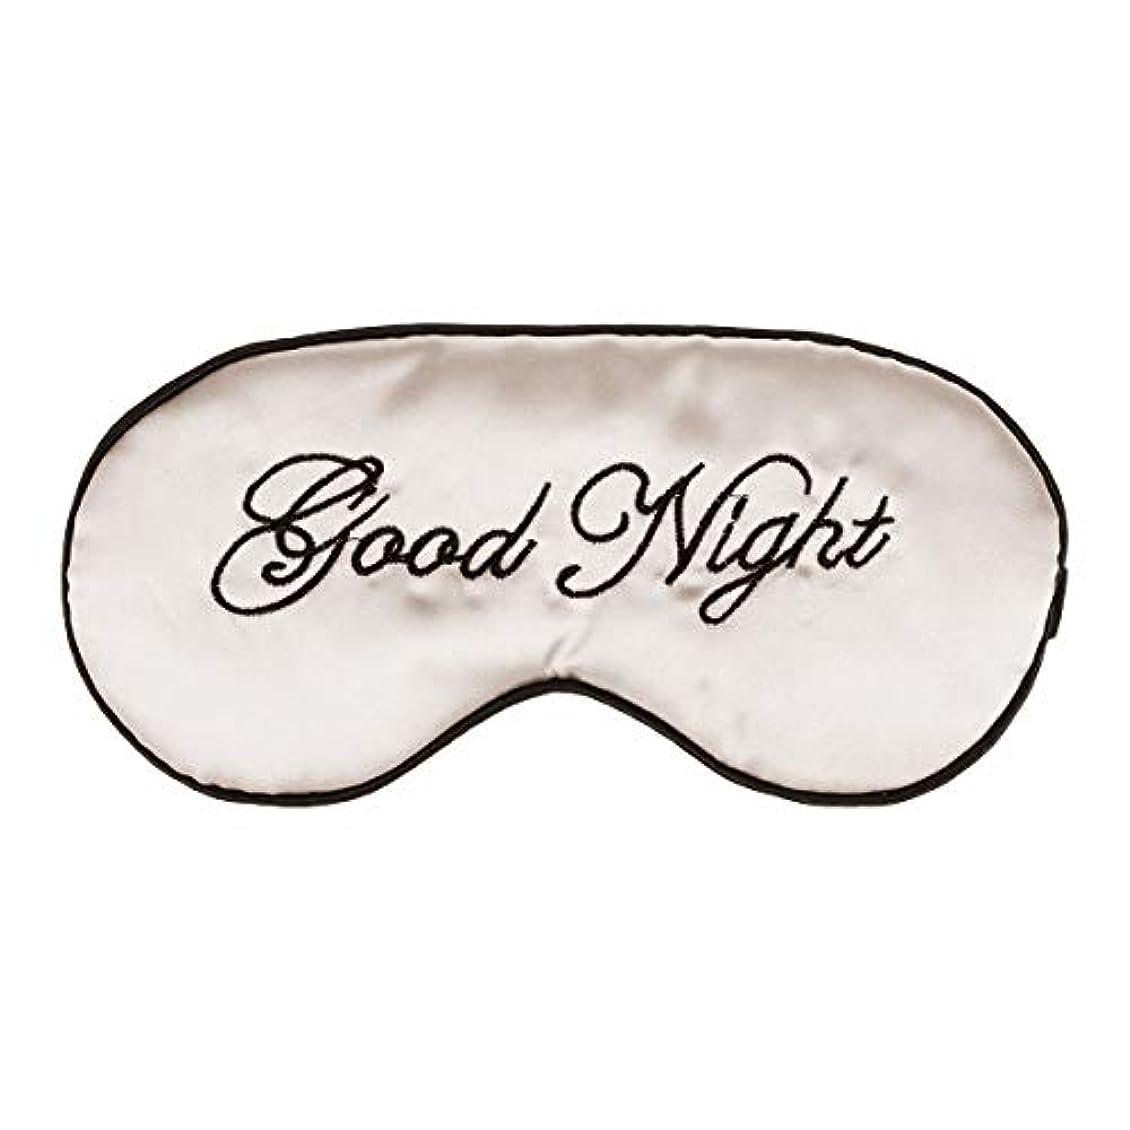 わずかなアラブ我慢するSUPVOX シルクスリーピングマスク 刺繍スタイル 睡眠 アイマスク 軽量 アイマスク 遮光 圧迫感なし 疲れ目 睡眠 旅行 仮 眠 疲労回復に最適 無地(ベージュ)